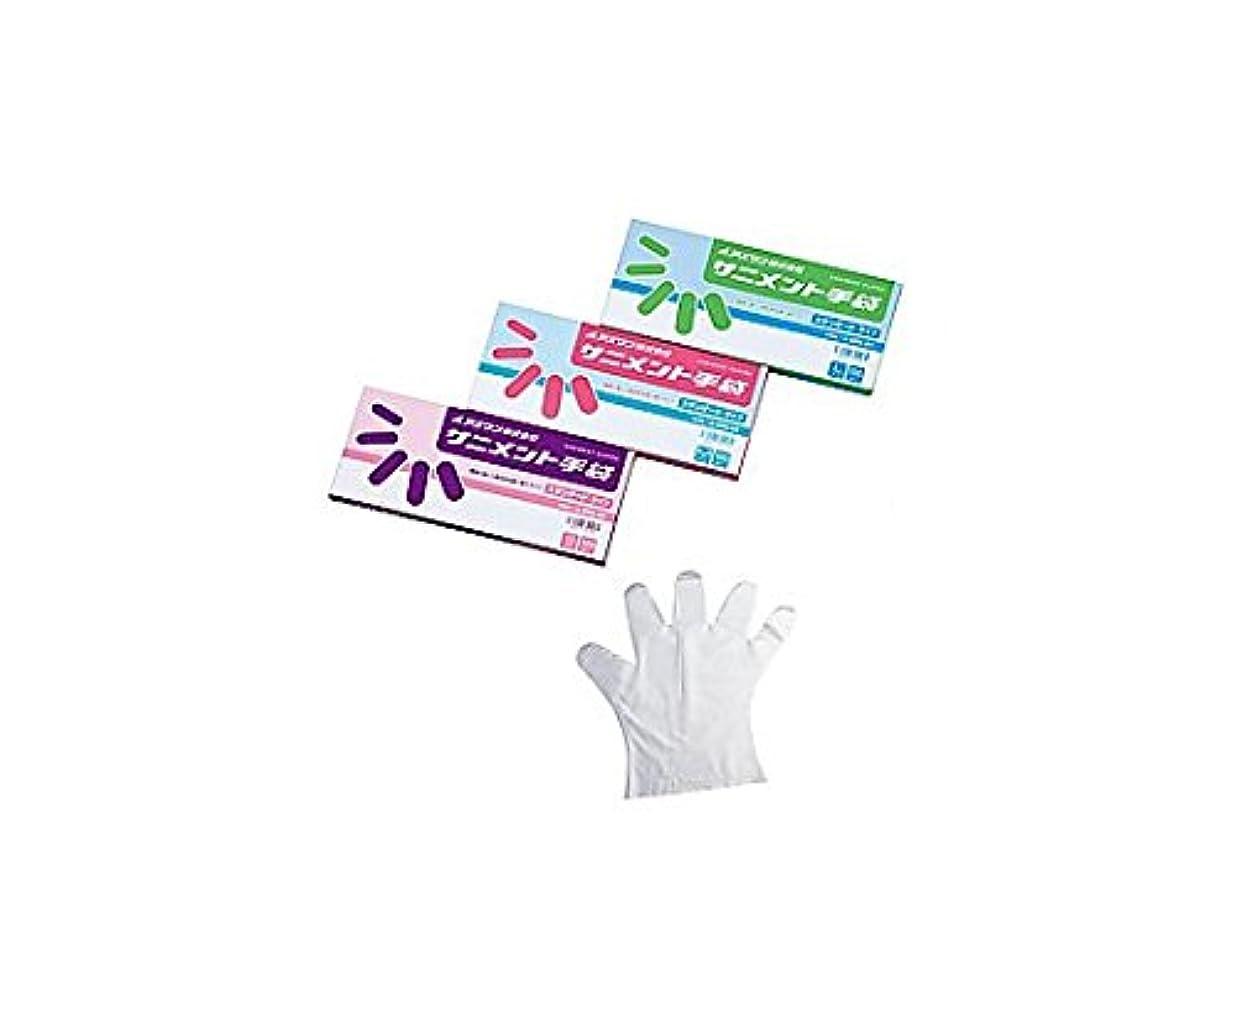 ブレーステープボトルアズワン9-888-01ラボランサニメント手袋(PE?厚手タイプ)スタンダードL10箱+1箱